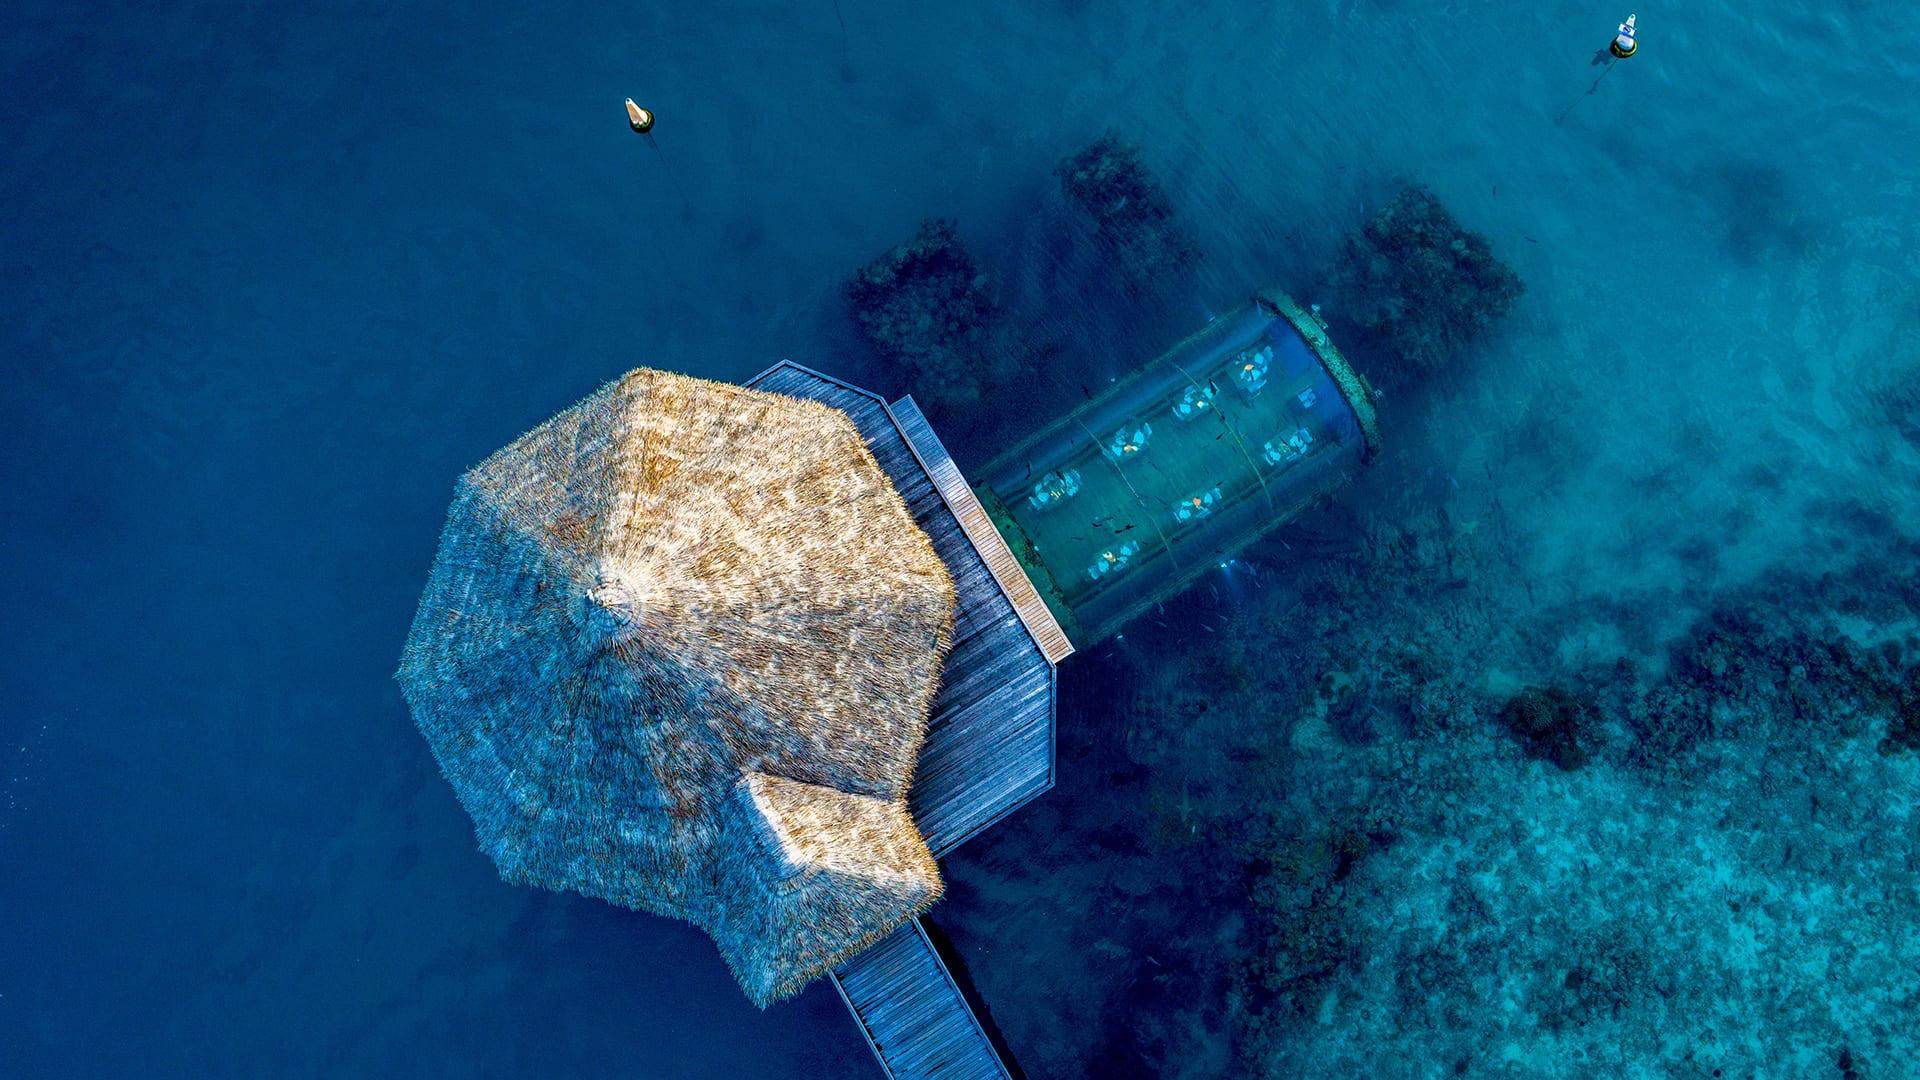 Denizin Altında Mışıl Mışıl, The Muraka